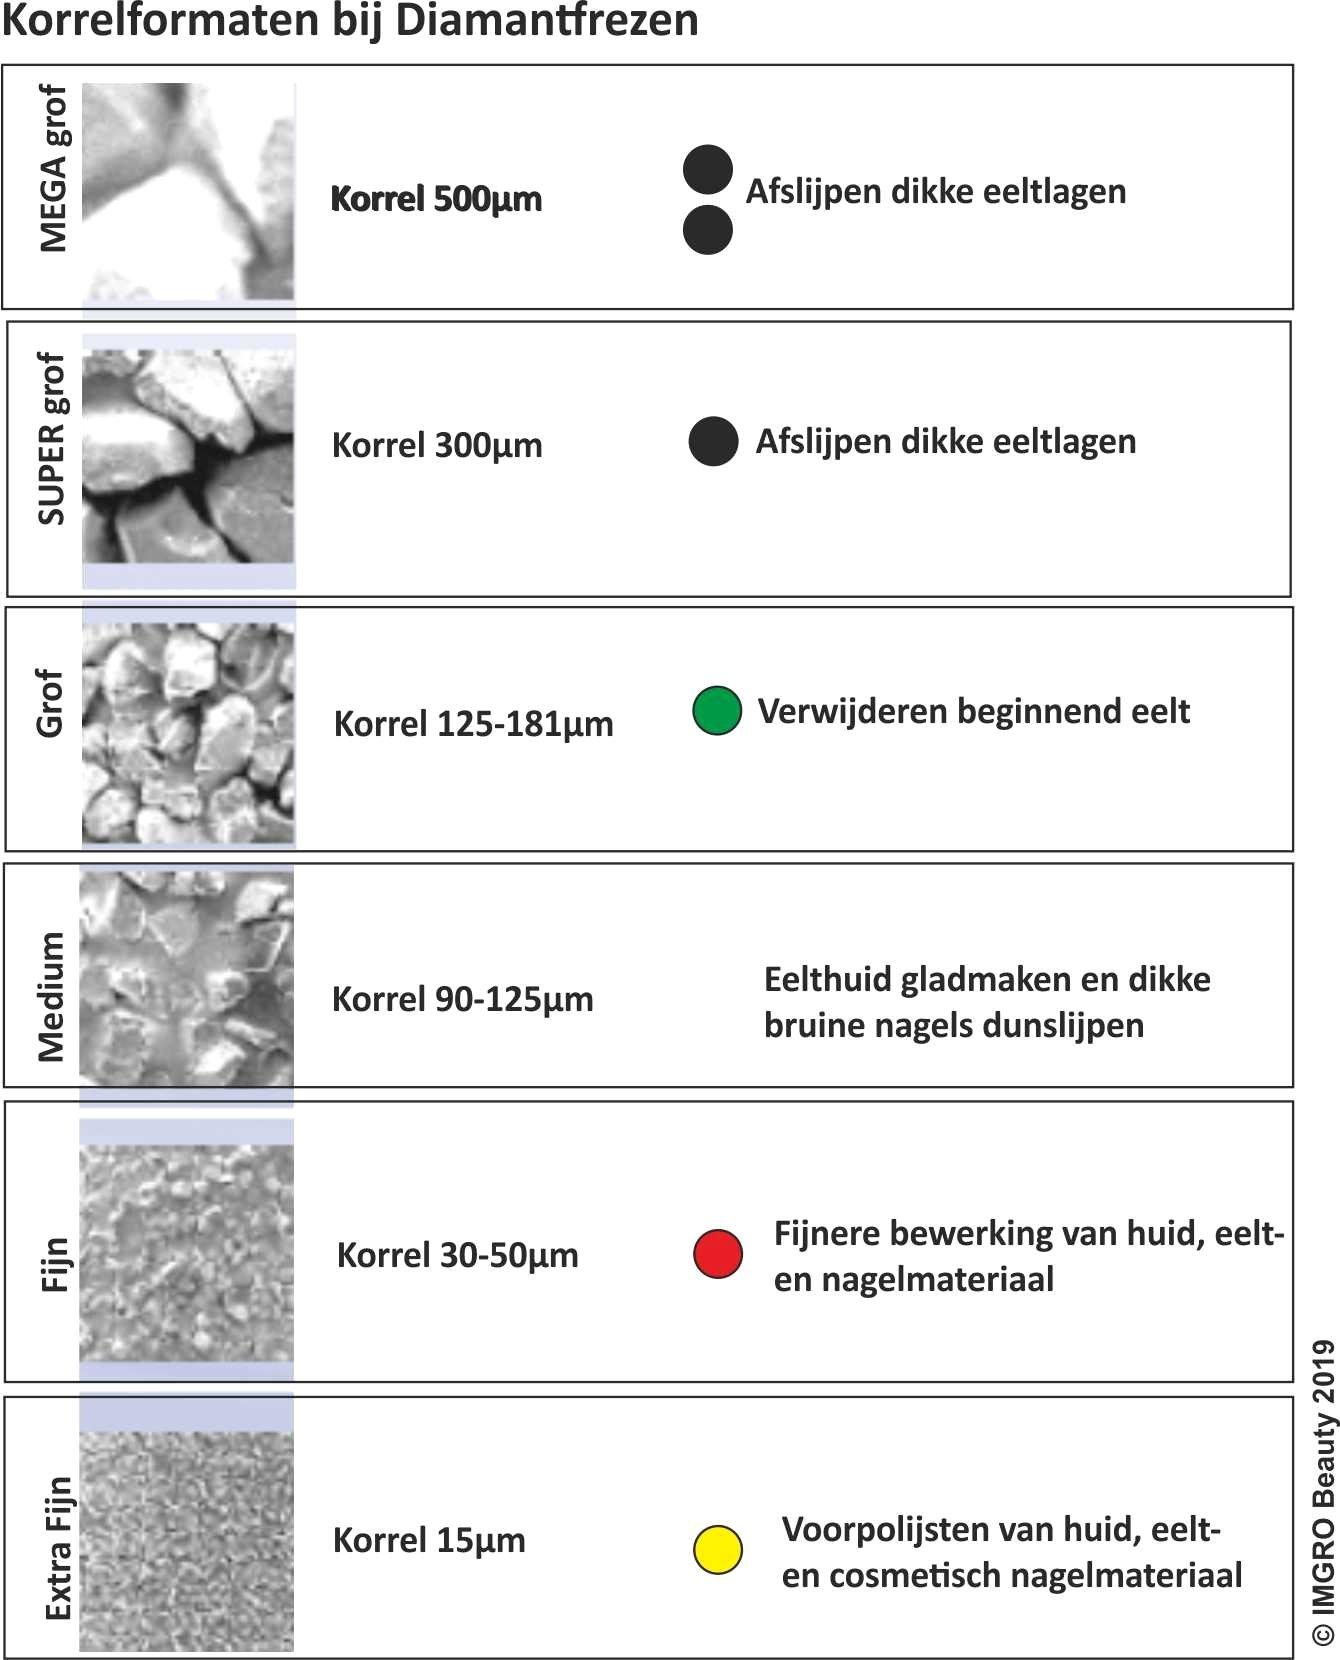 Overzicht van frezen en grofheden van de diamantkorrels